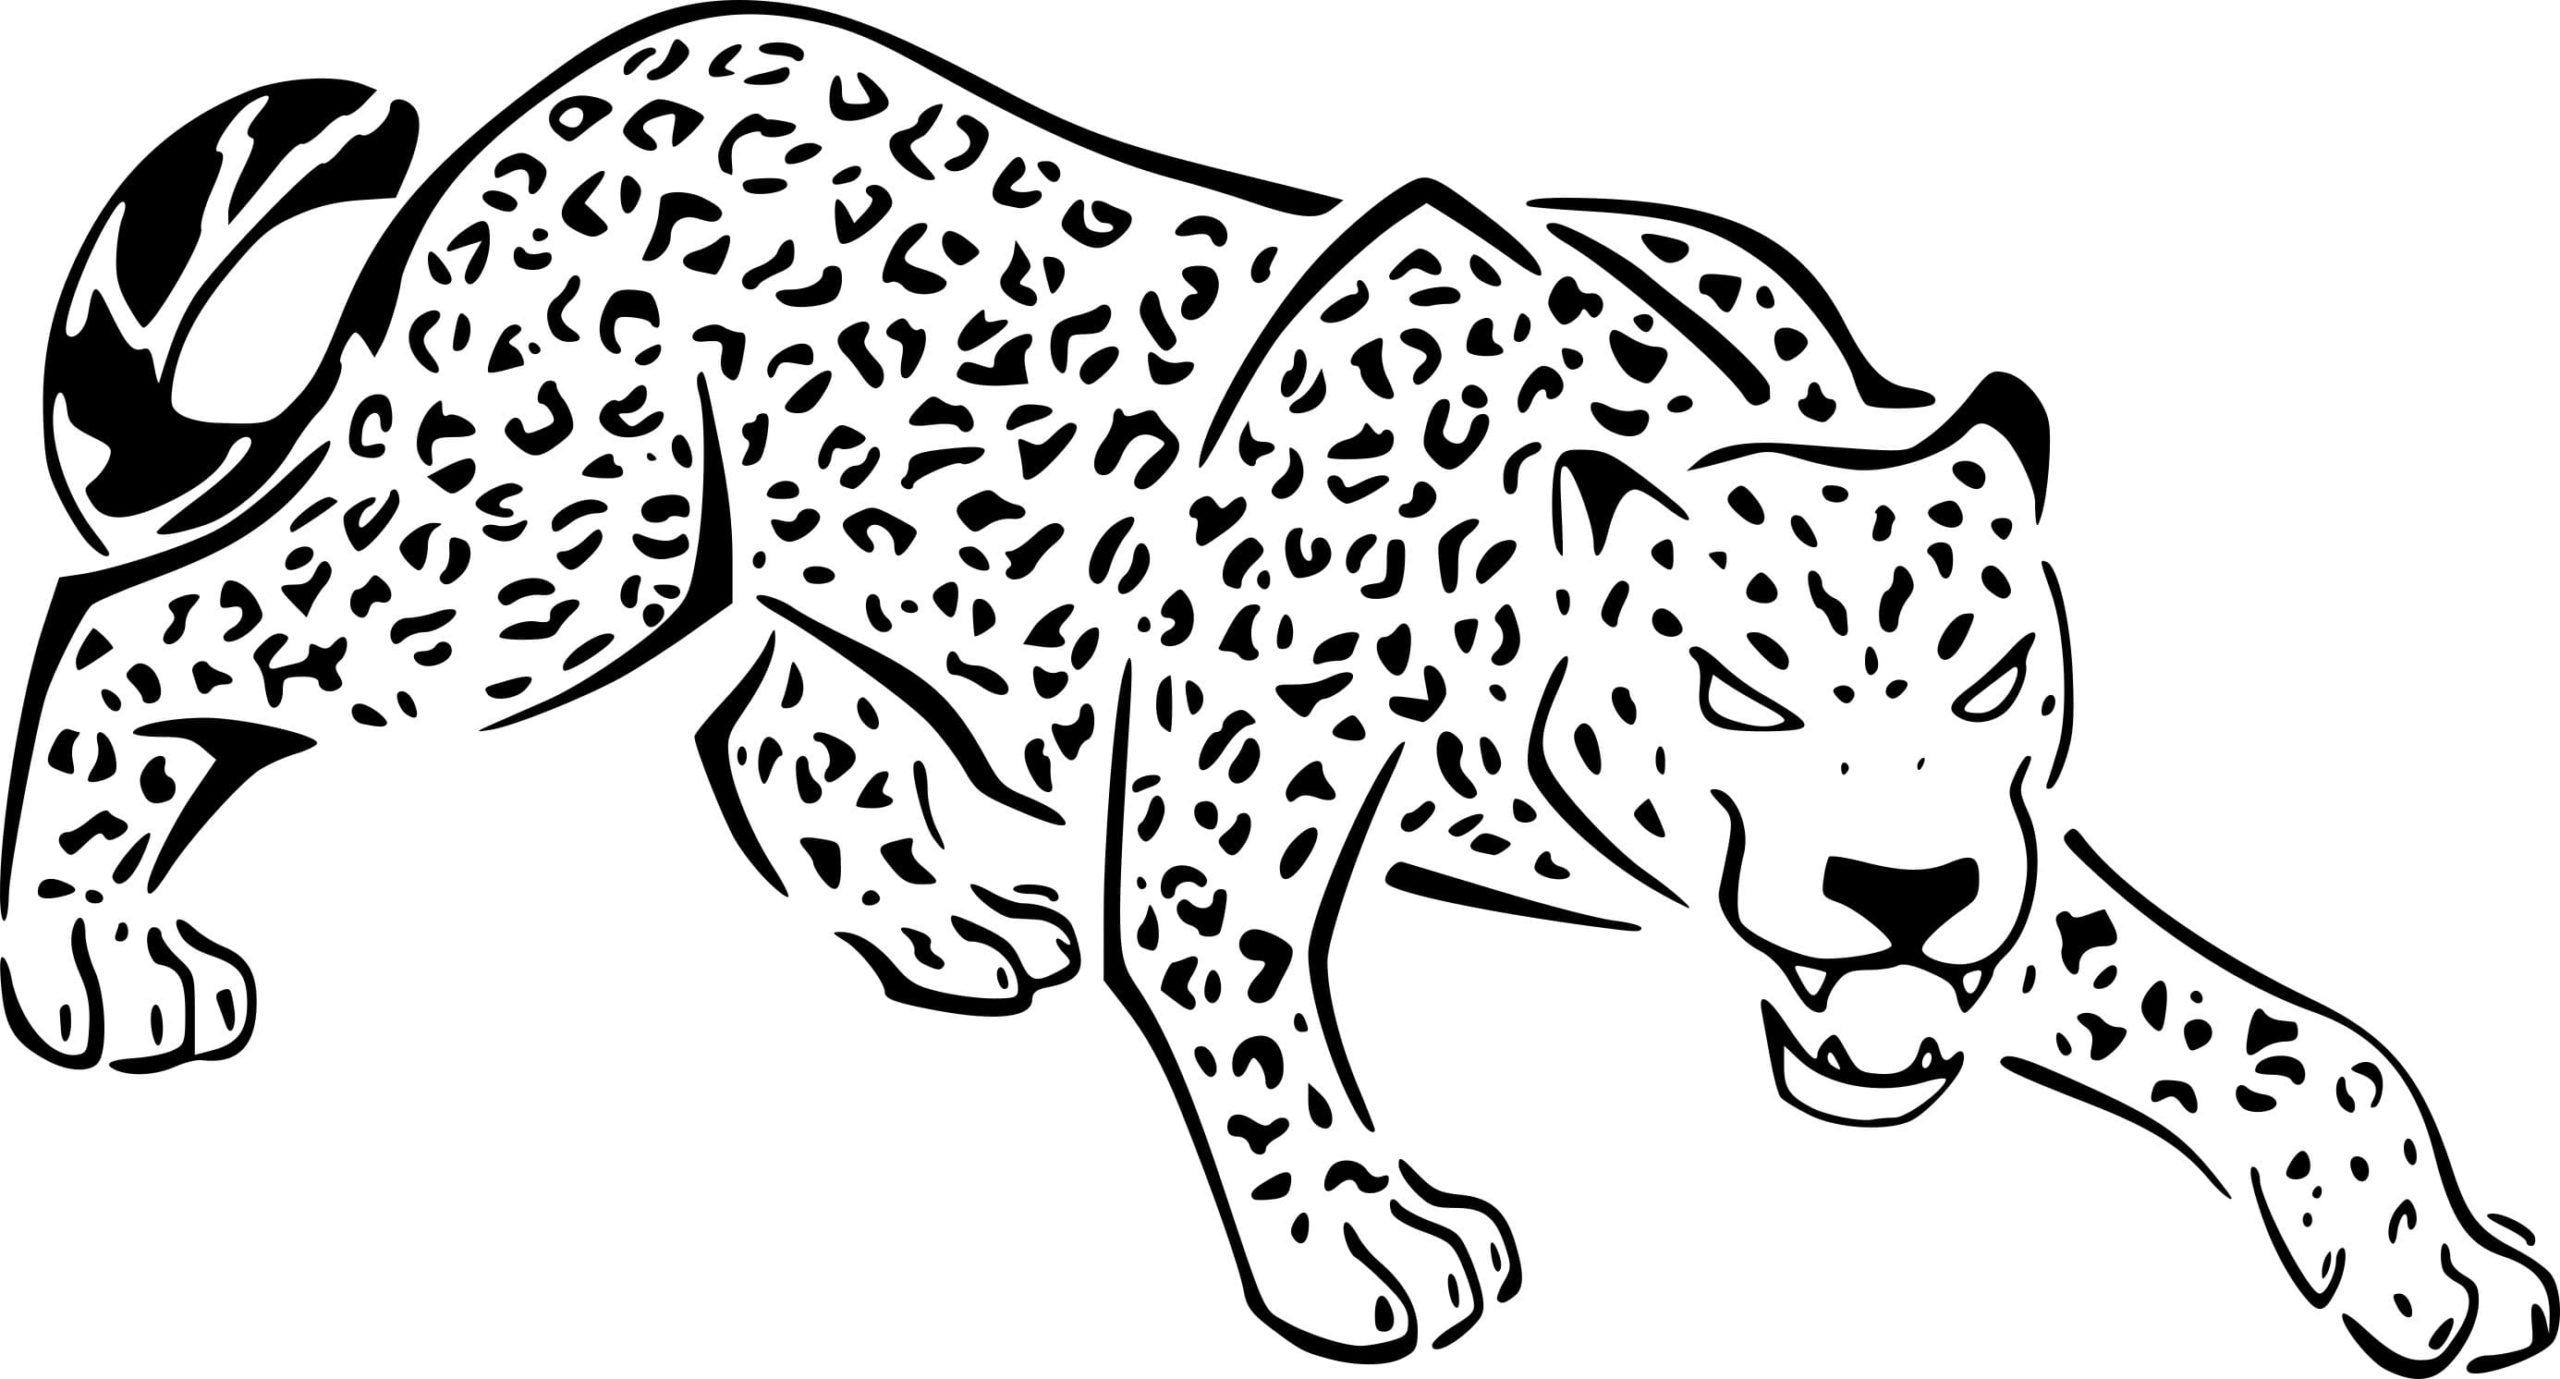 Ausmalbilder Gepard  30 Malvorlagen Kostenlos zum Ausdrucken